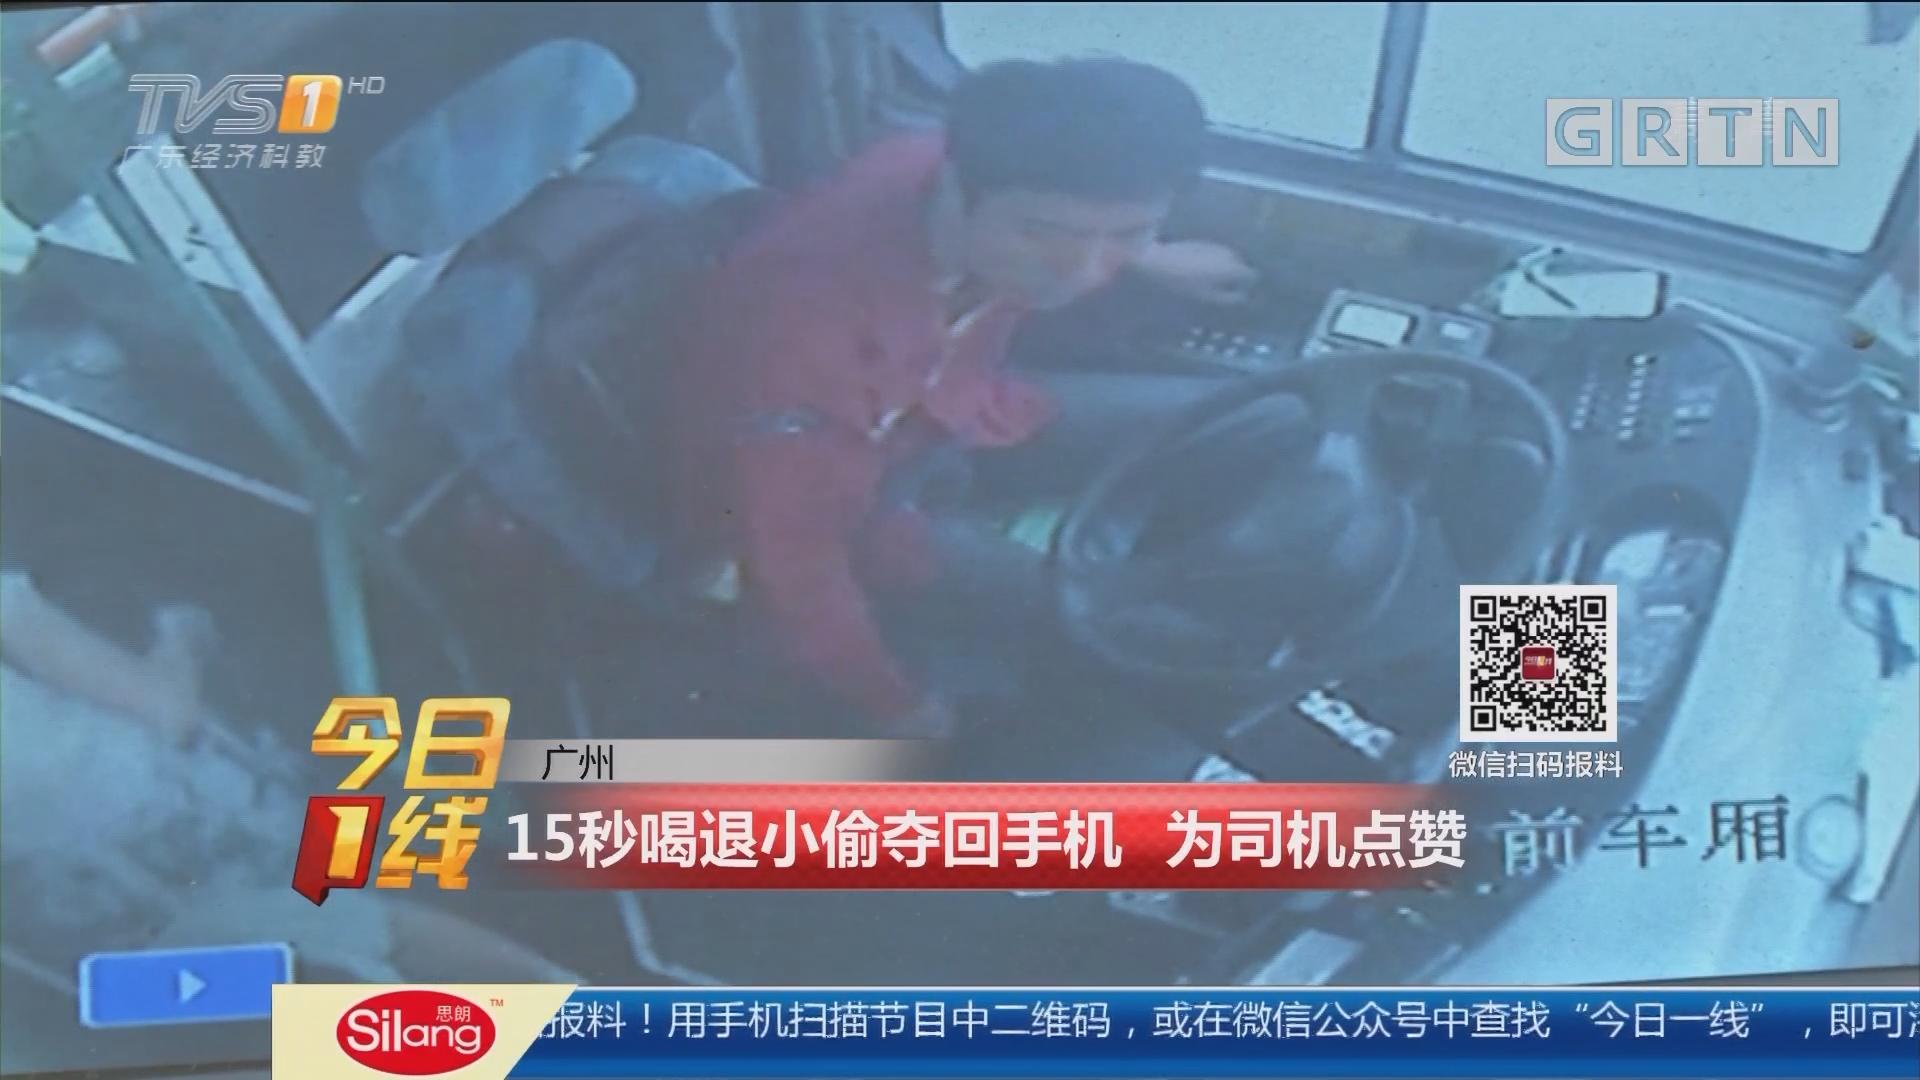 广州:15秒喝退小偷夺回手机 为司机点赞